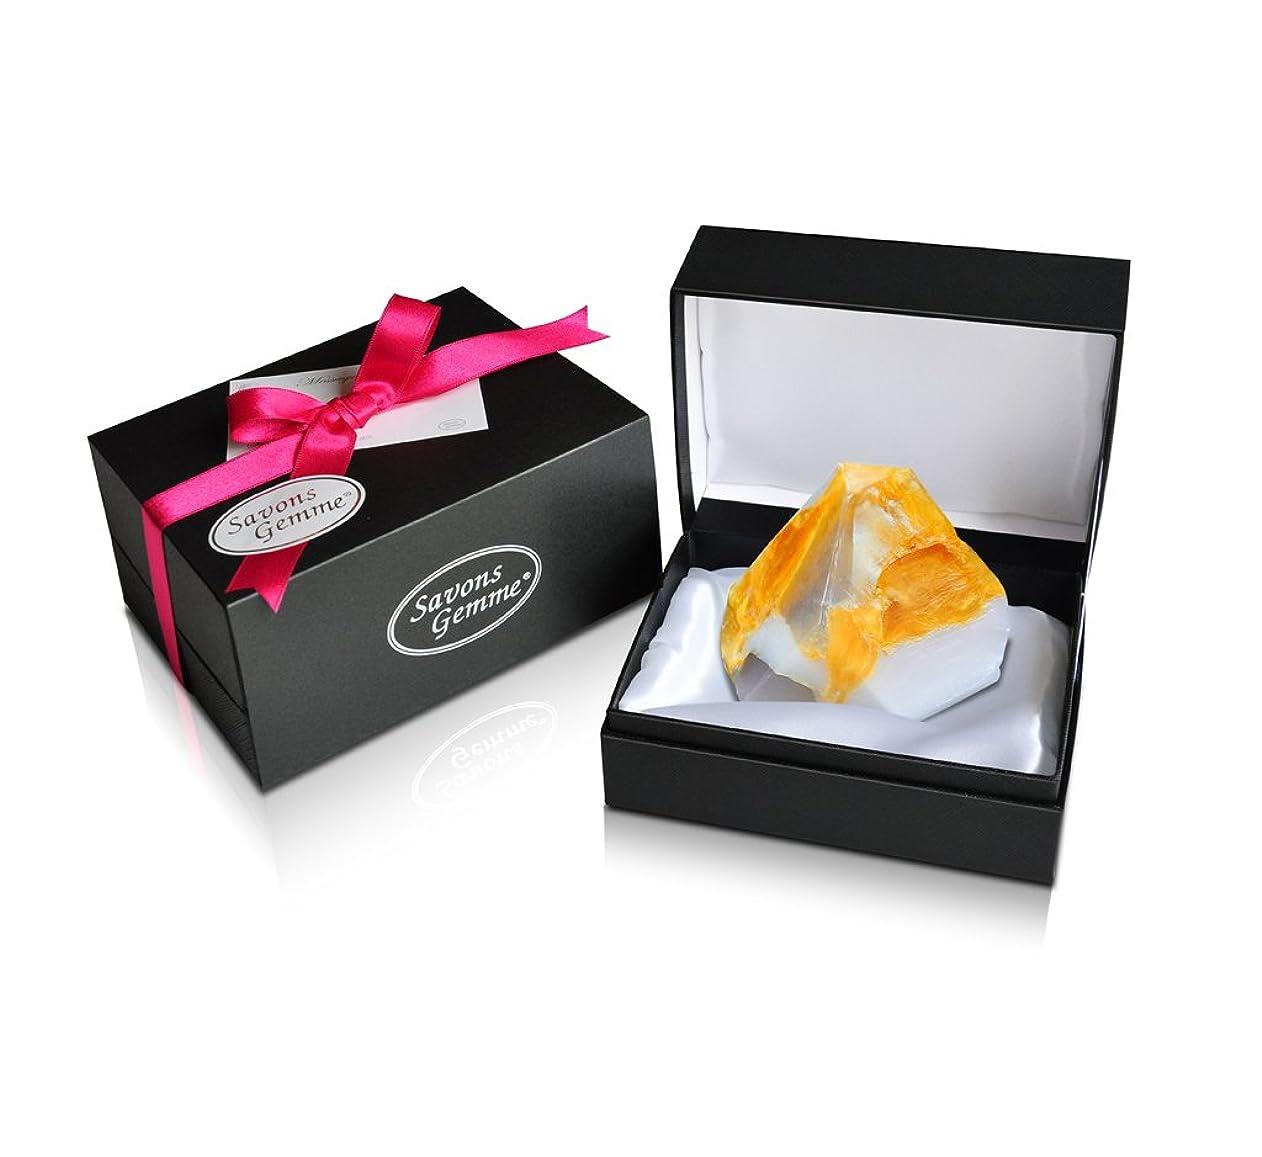 鳥罰する魔術師Savons Gemme サボンジェム ジュエリーギフトボックス 世界で一番美しい宝石石鹸 フレグランス ソープ 宝石箱のようなラグジュアリー感を演出 アルバトールオリエンタル 170g 【日本総代理店品】